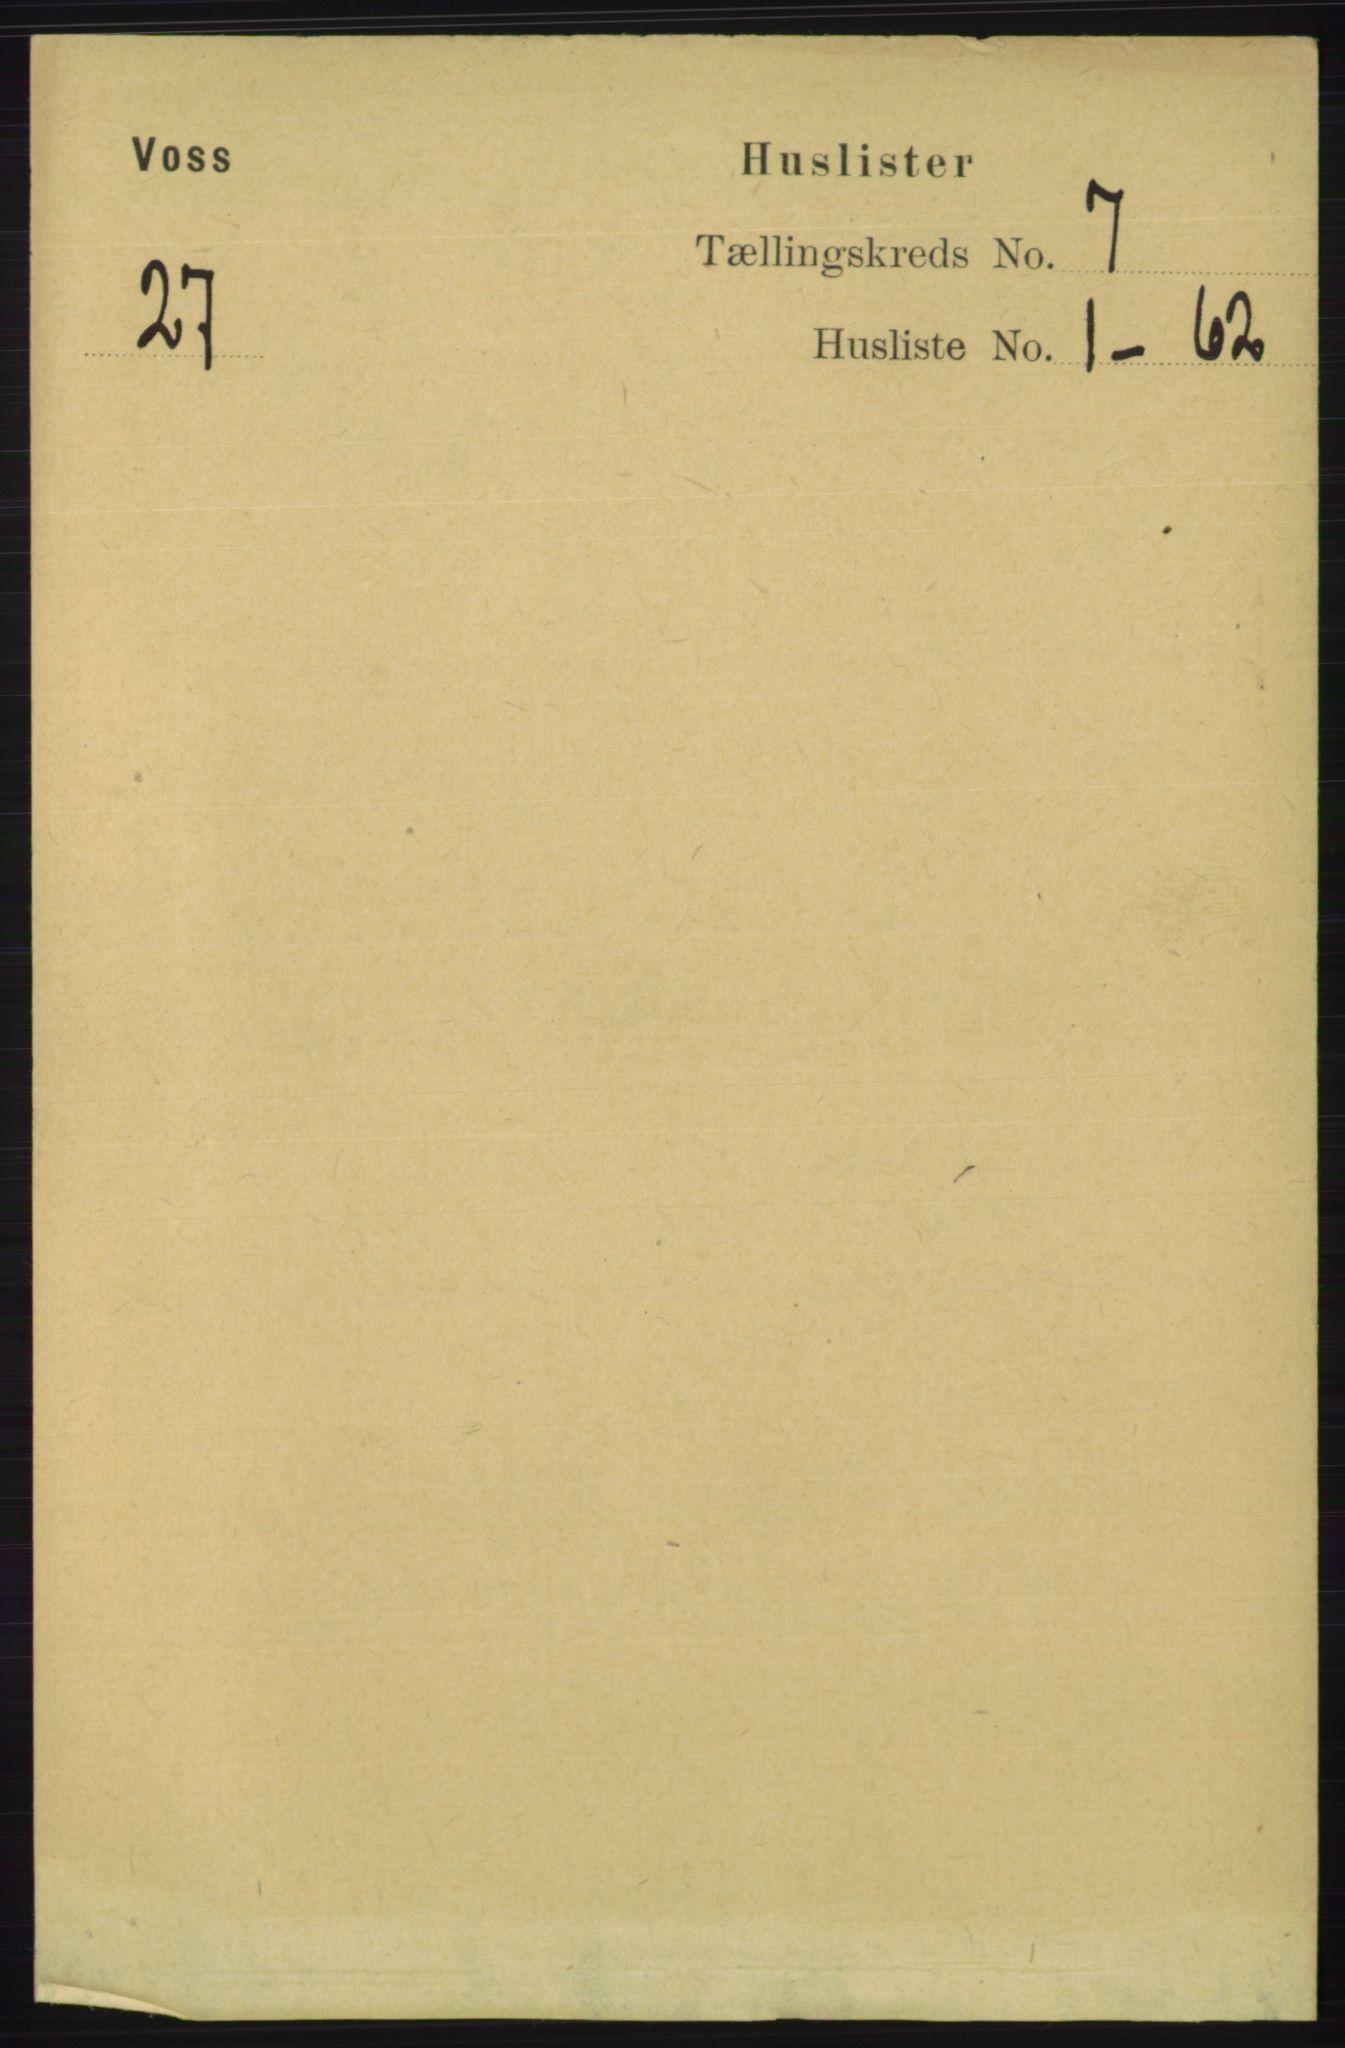 RA, Folketelling 1891 for 1235 Voss herred, 1891, s. 3730